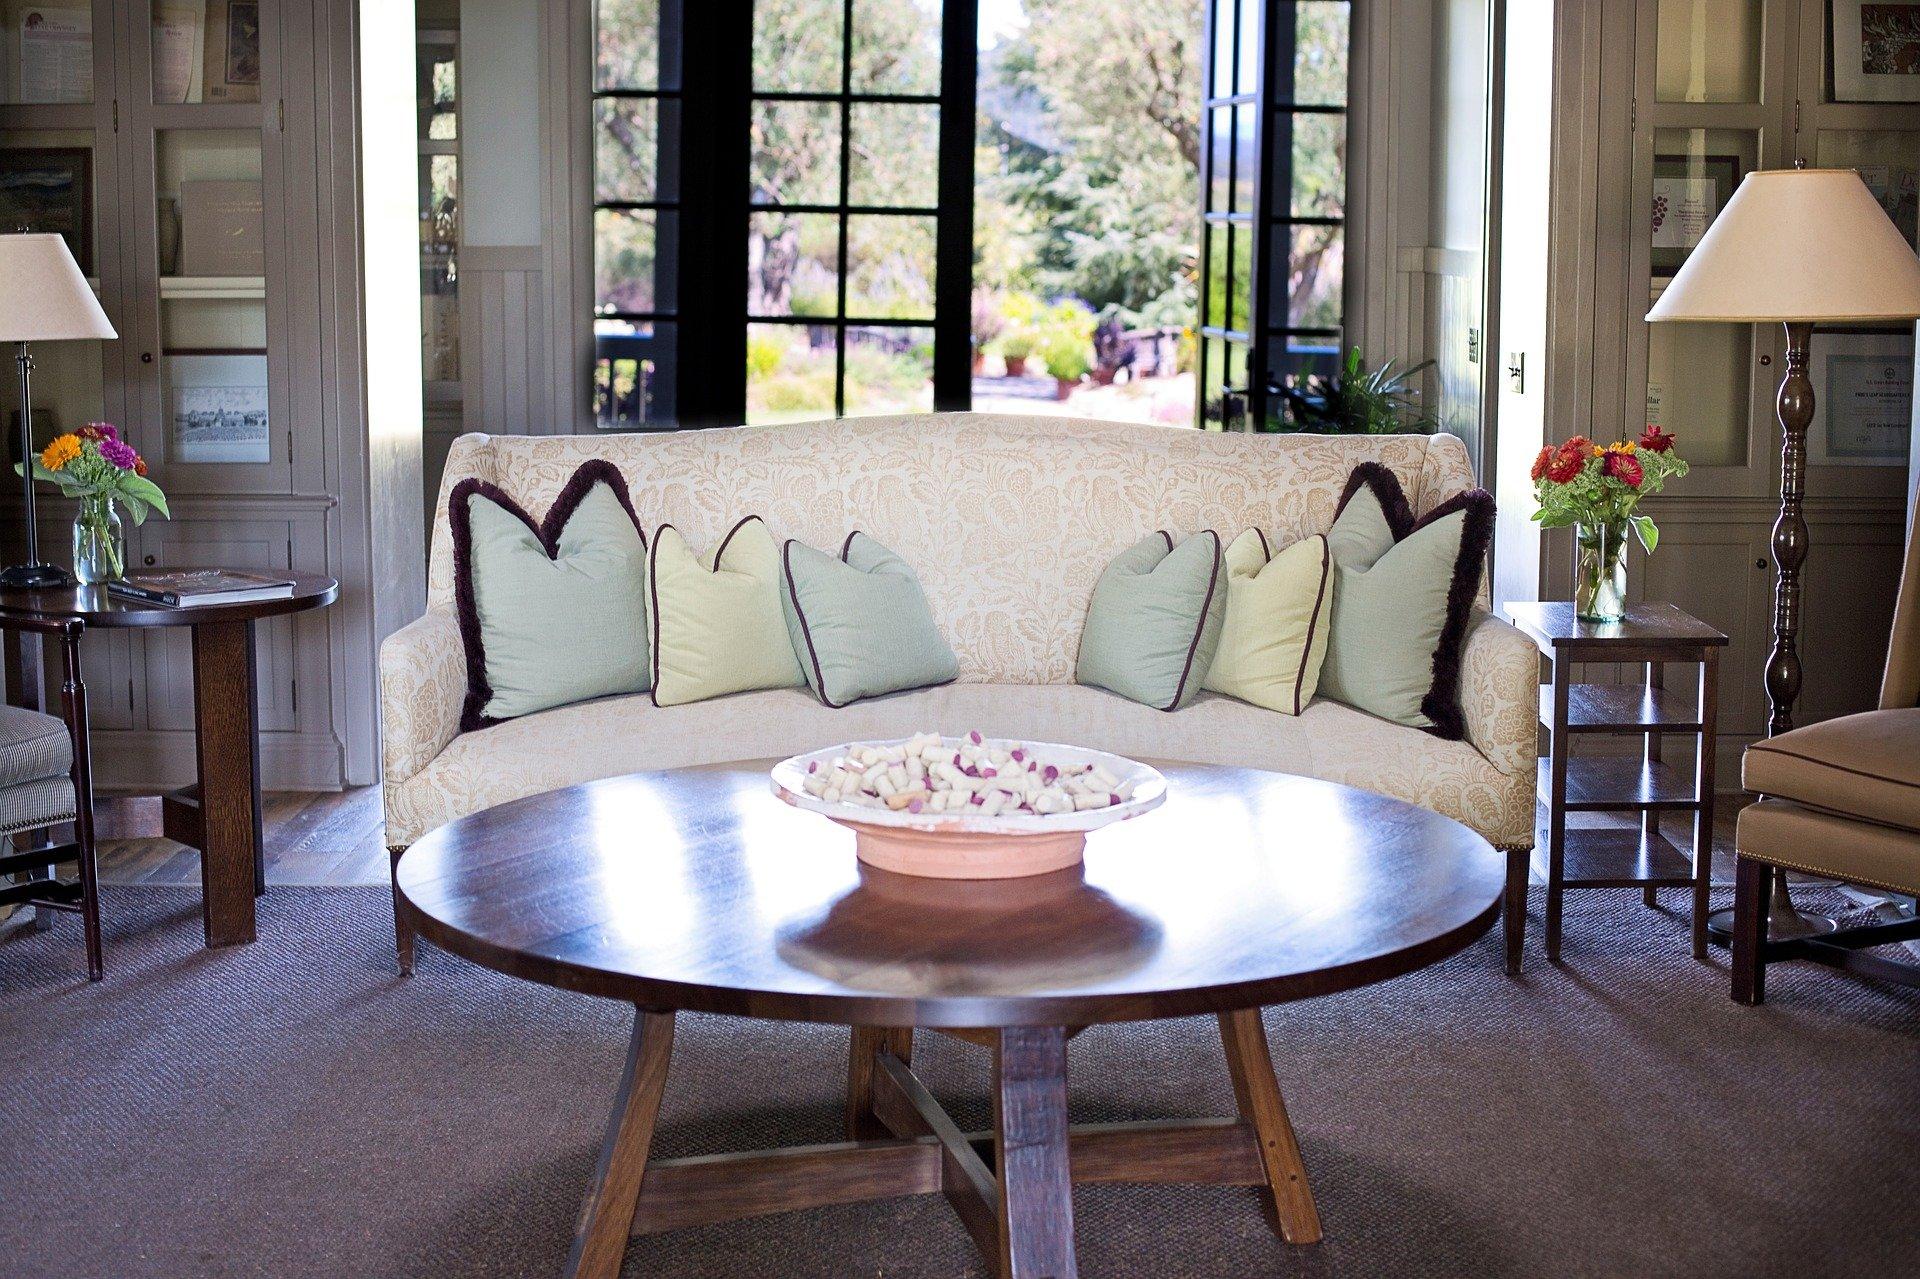 Foto de uma sala com uma mesa de centro e um sofá branco. Imagem ilustrativa para o texto como remover mancha de gordura.